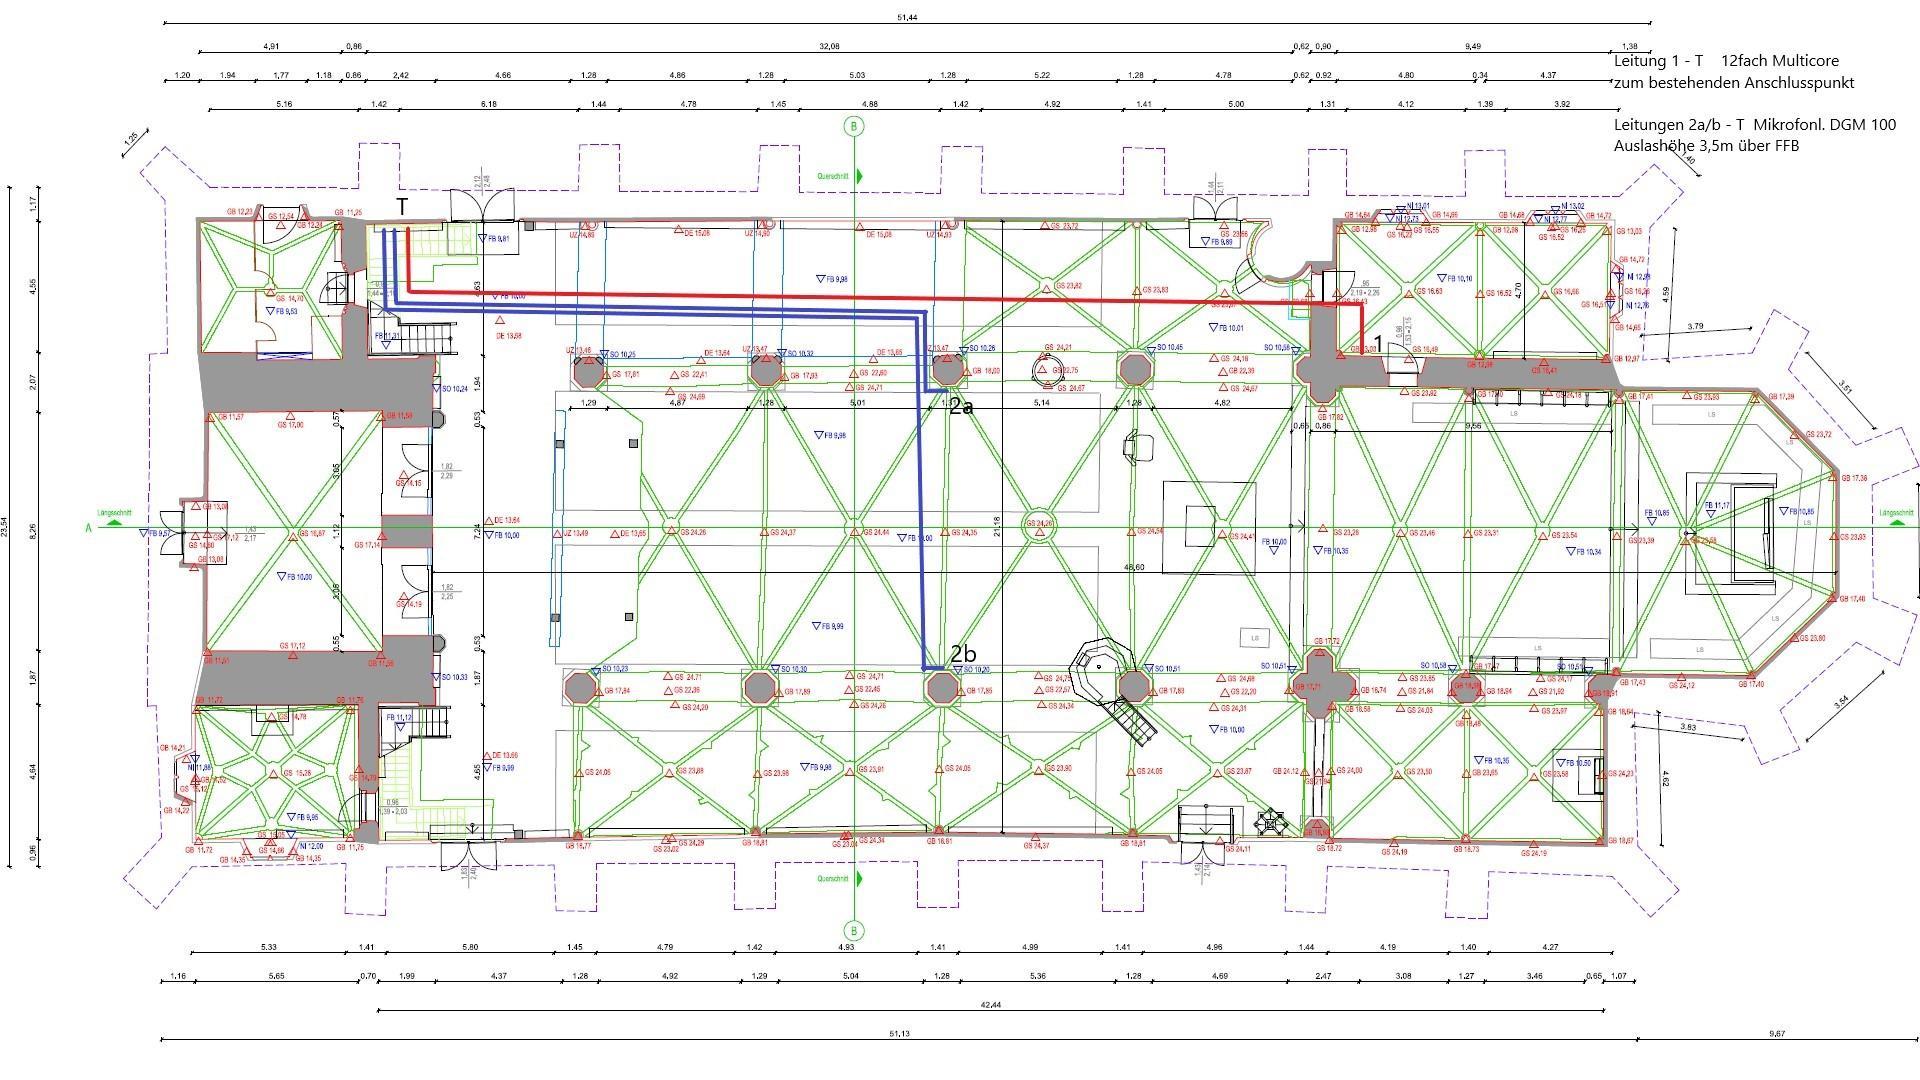 Planung der Kabelverläufe, abgestimmt zwischen Bejamin Dippel und Andreas Thomeczek.